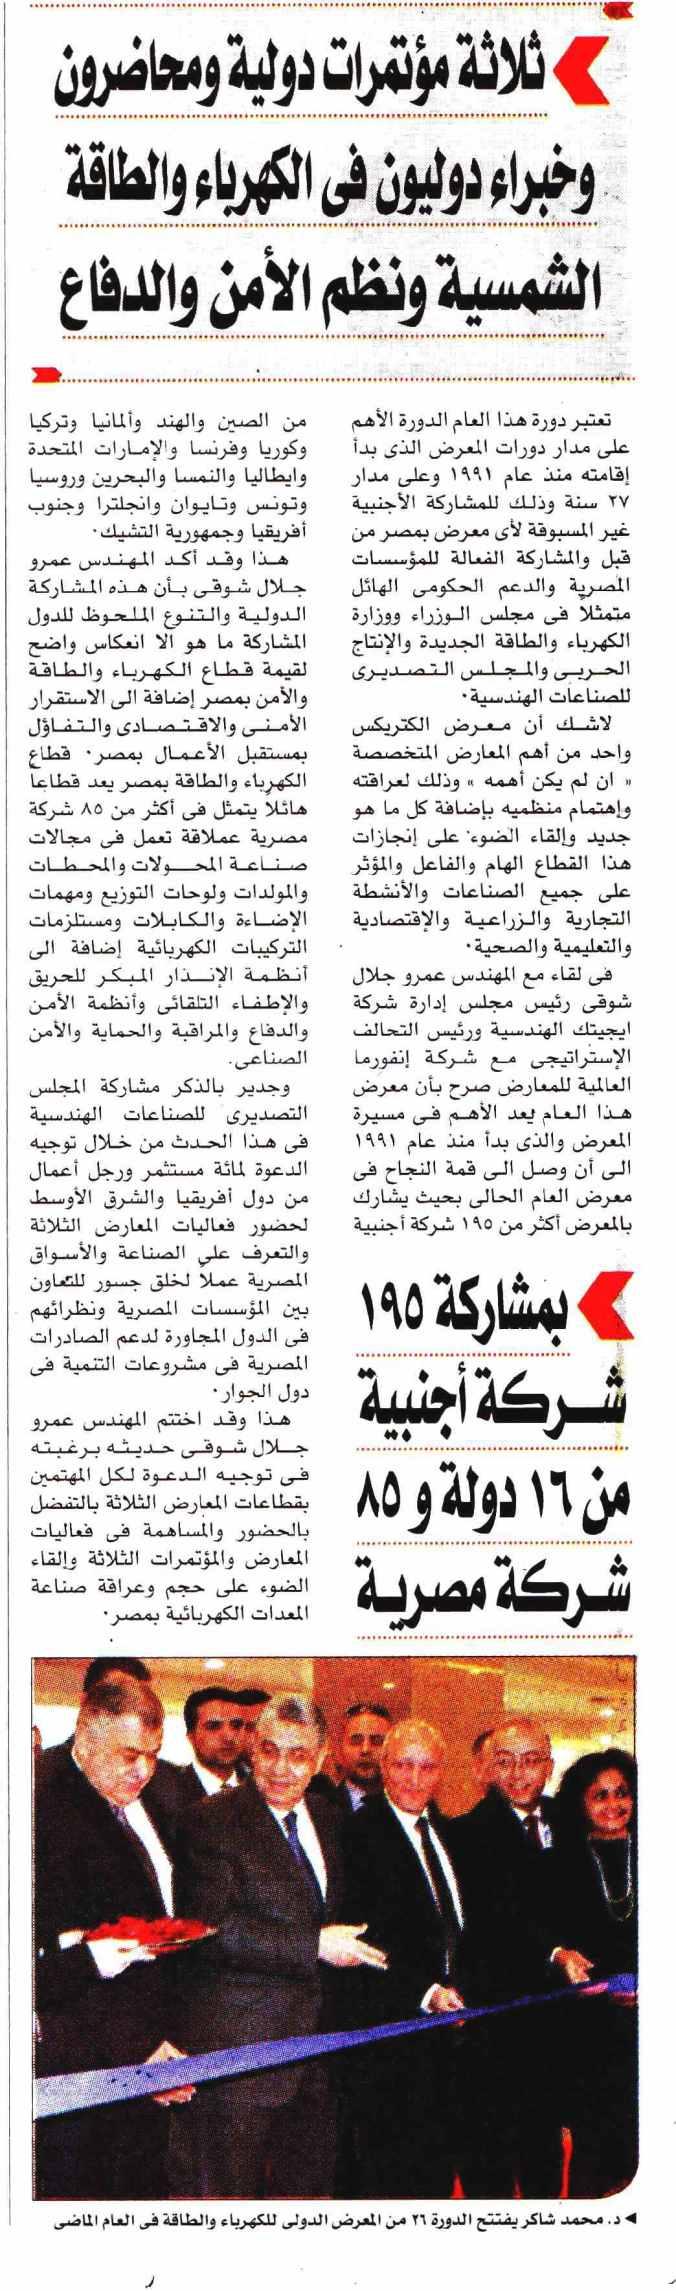 Akhbar Al Youm 2 Dec PB.15